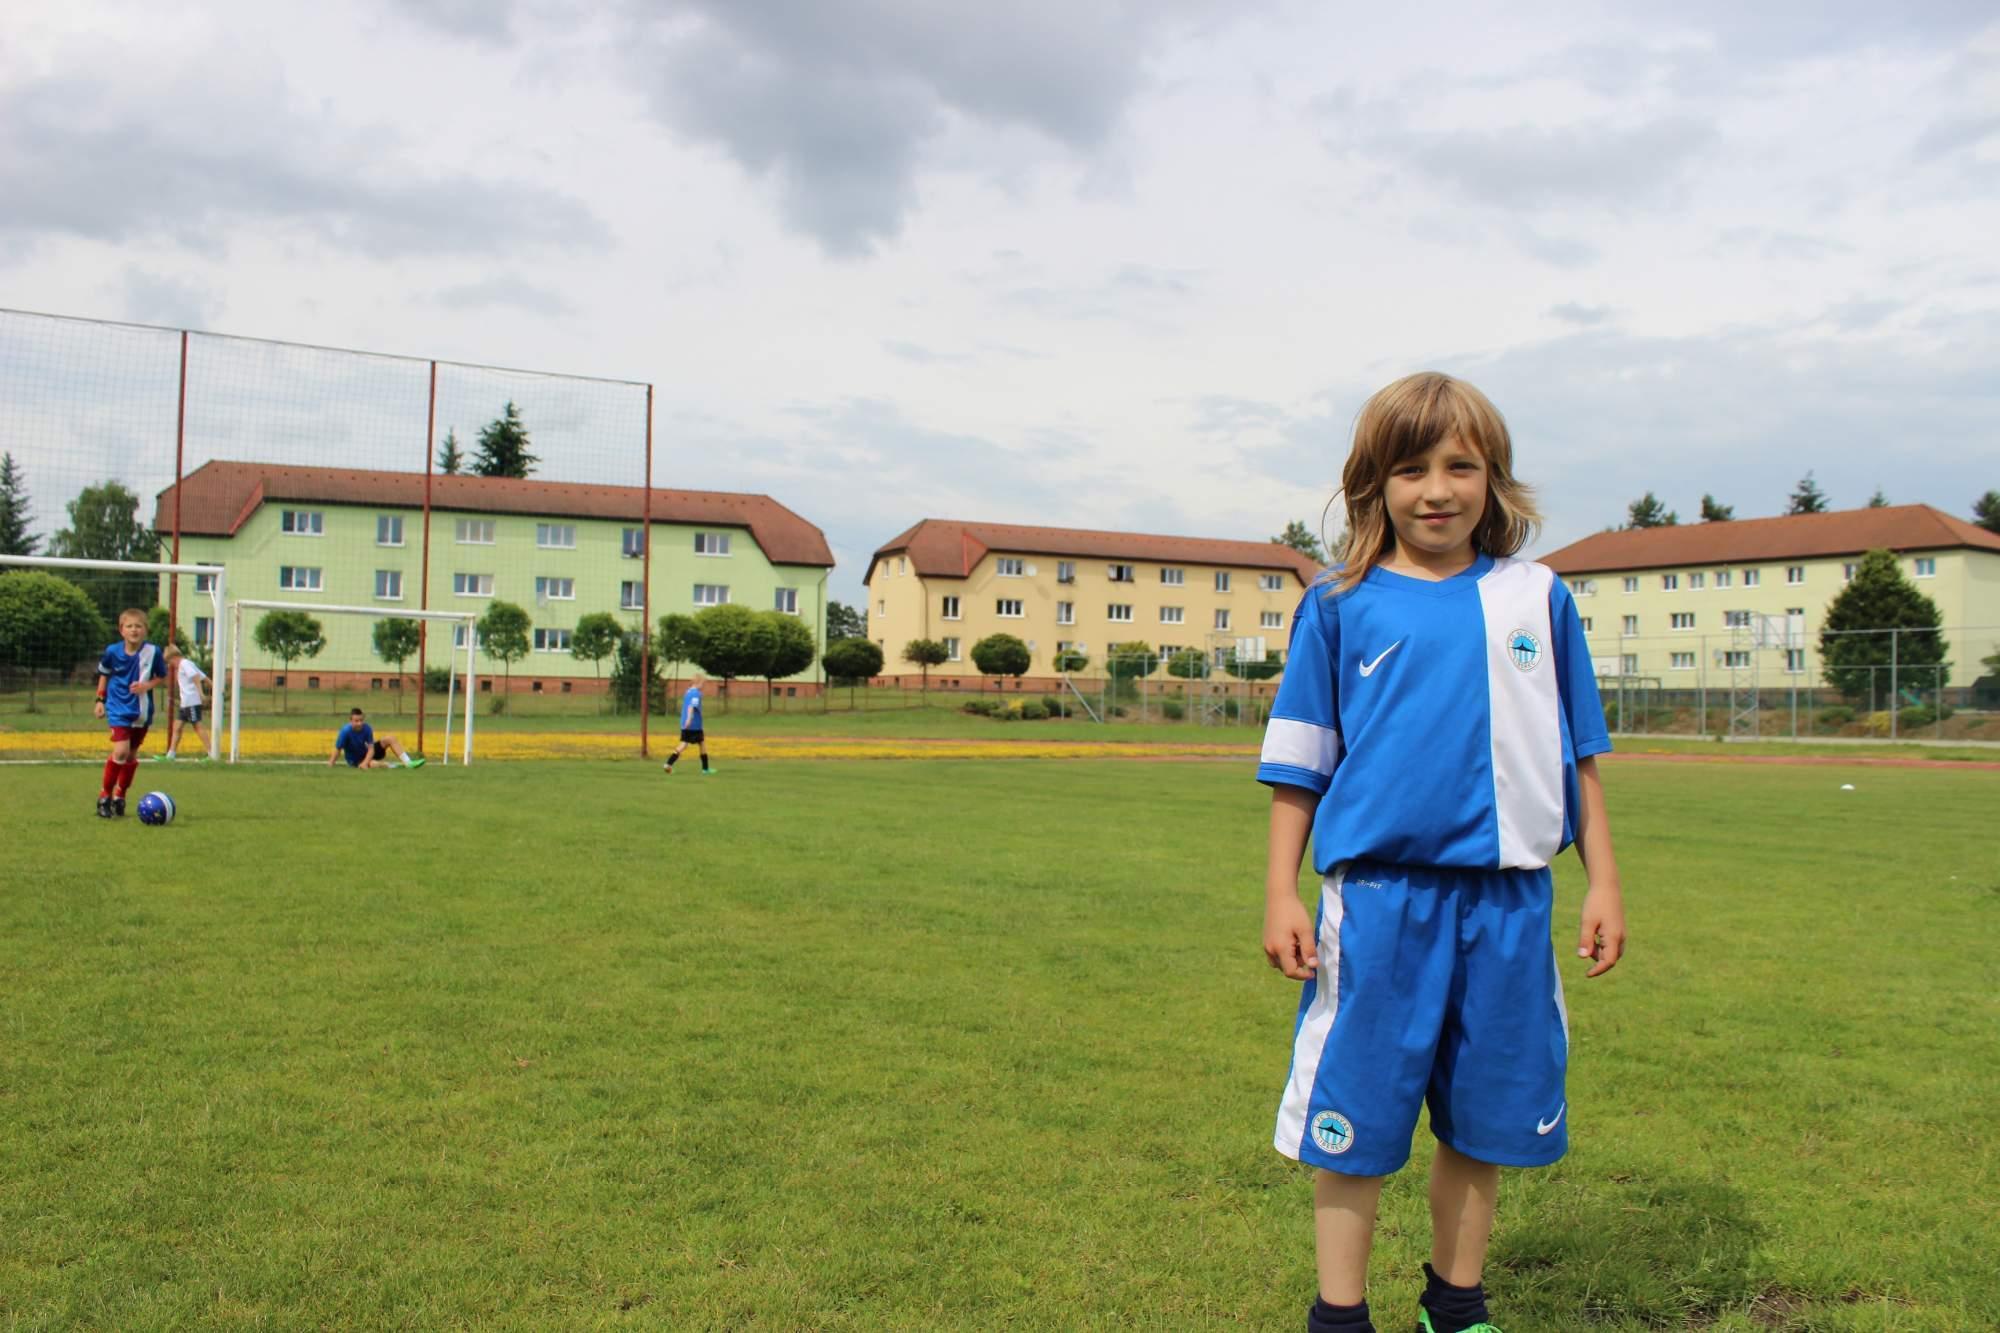 Fotbalové prázdniny Fotbalový kemp Fotbalové Prázdniny 2014 Chvilka pro portrétovku